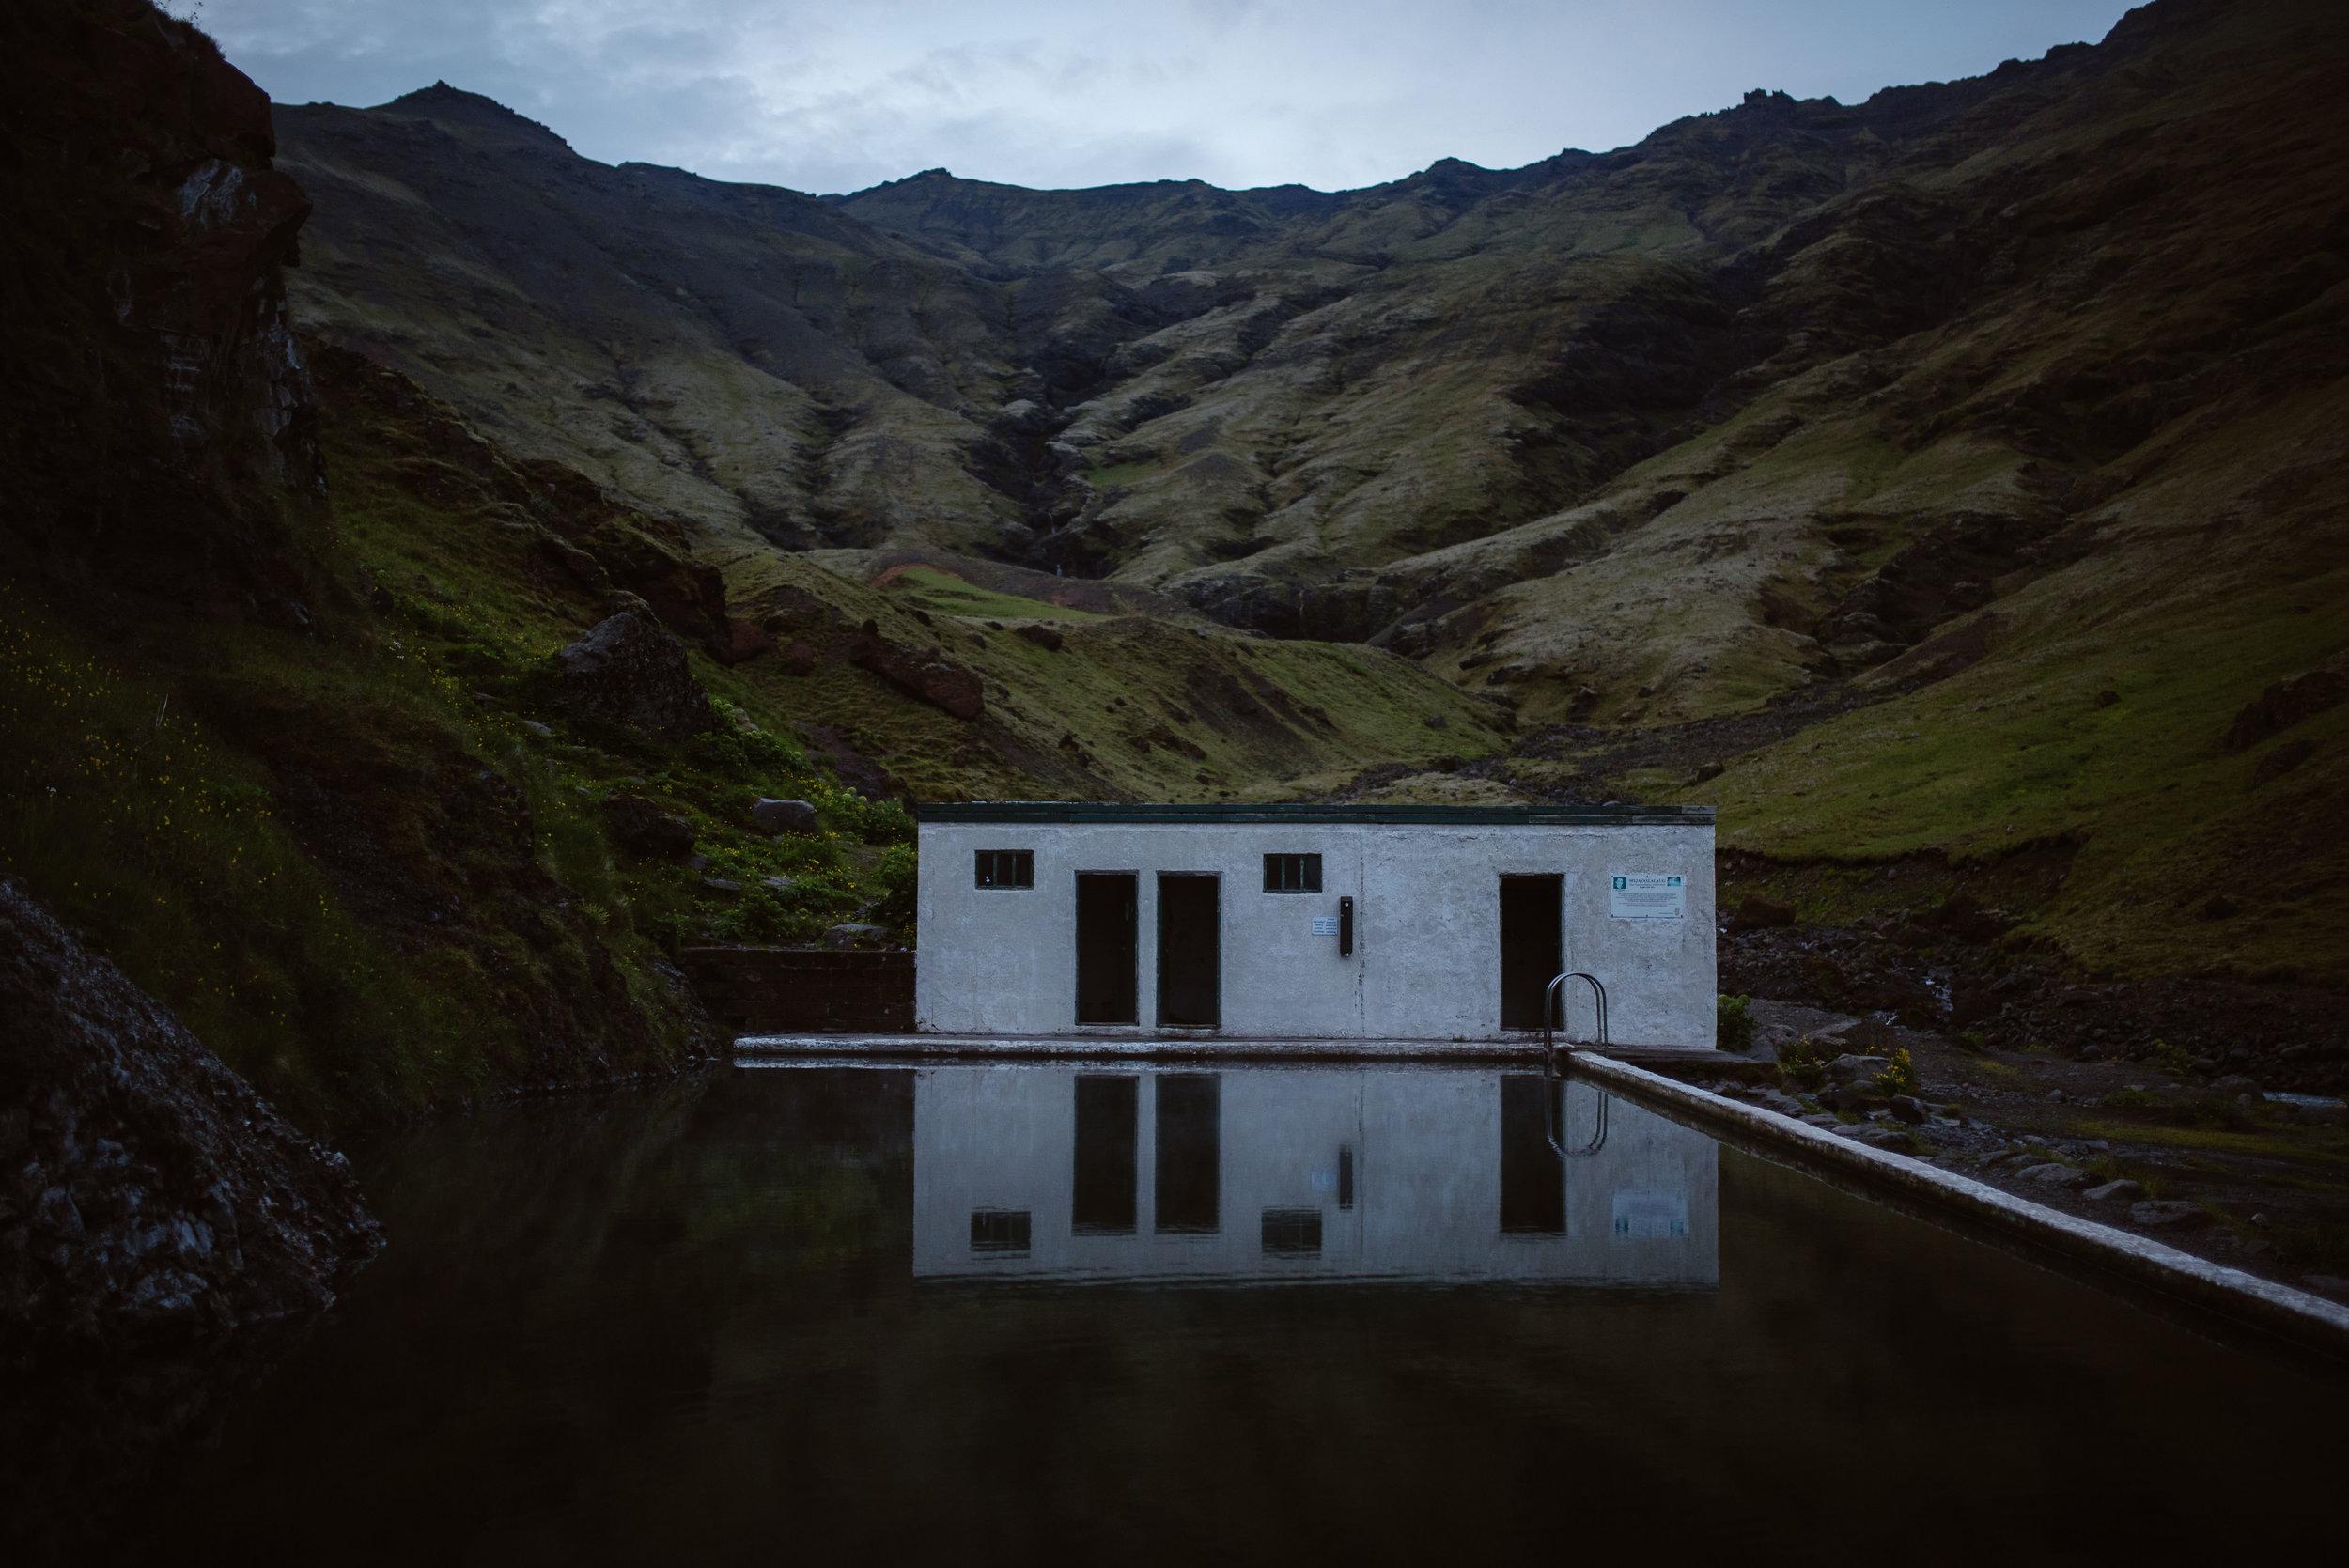 Seljavallalaug-Iceland